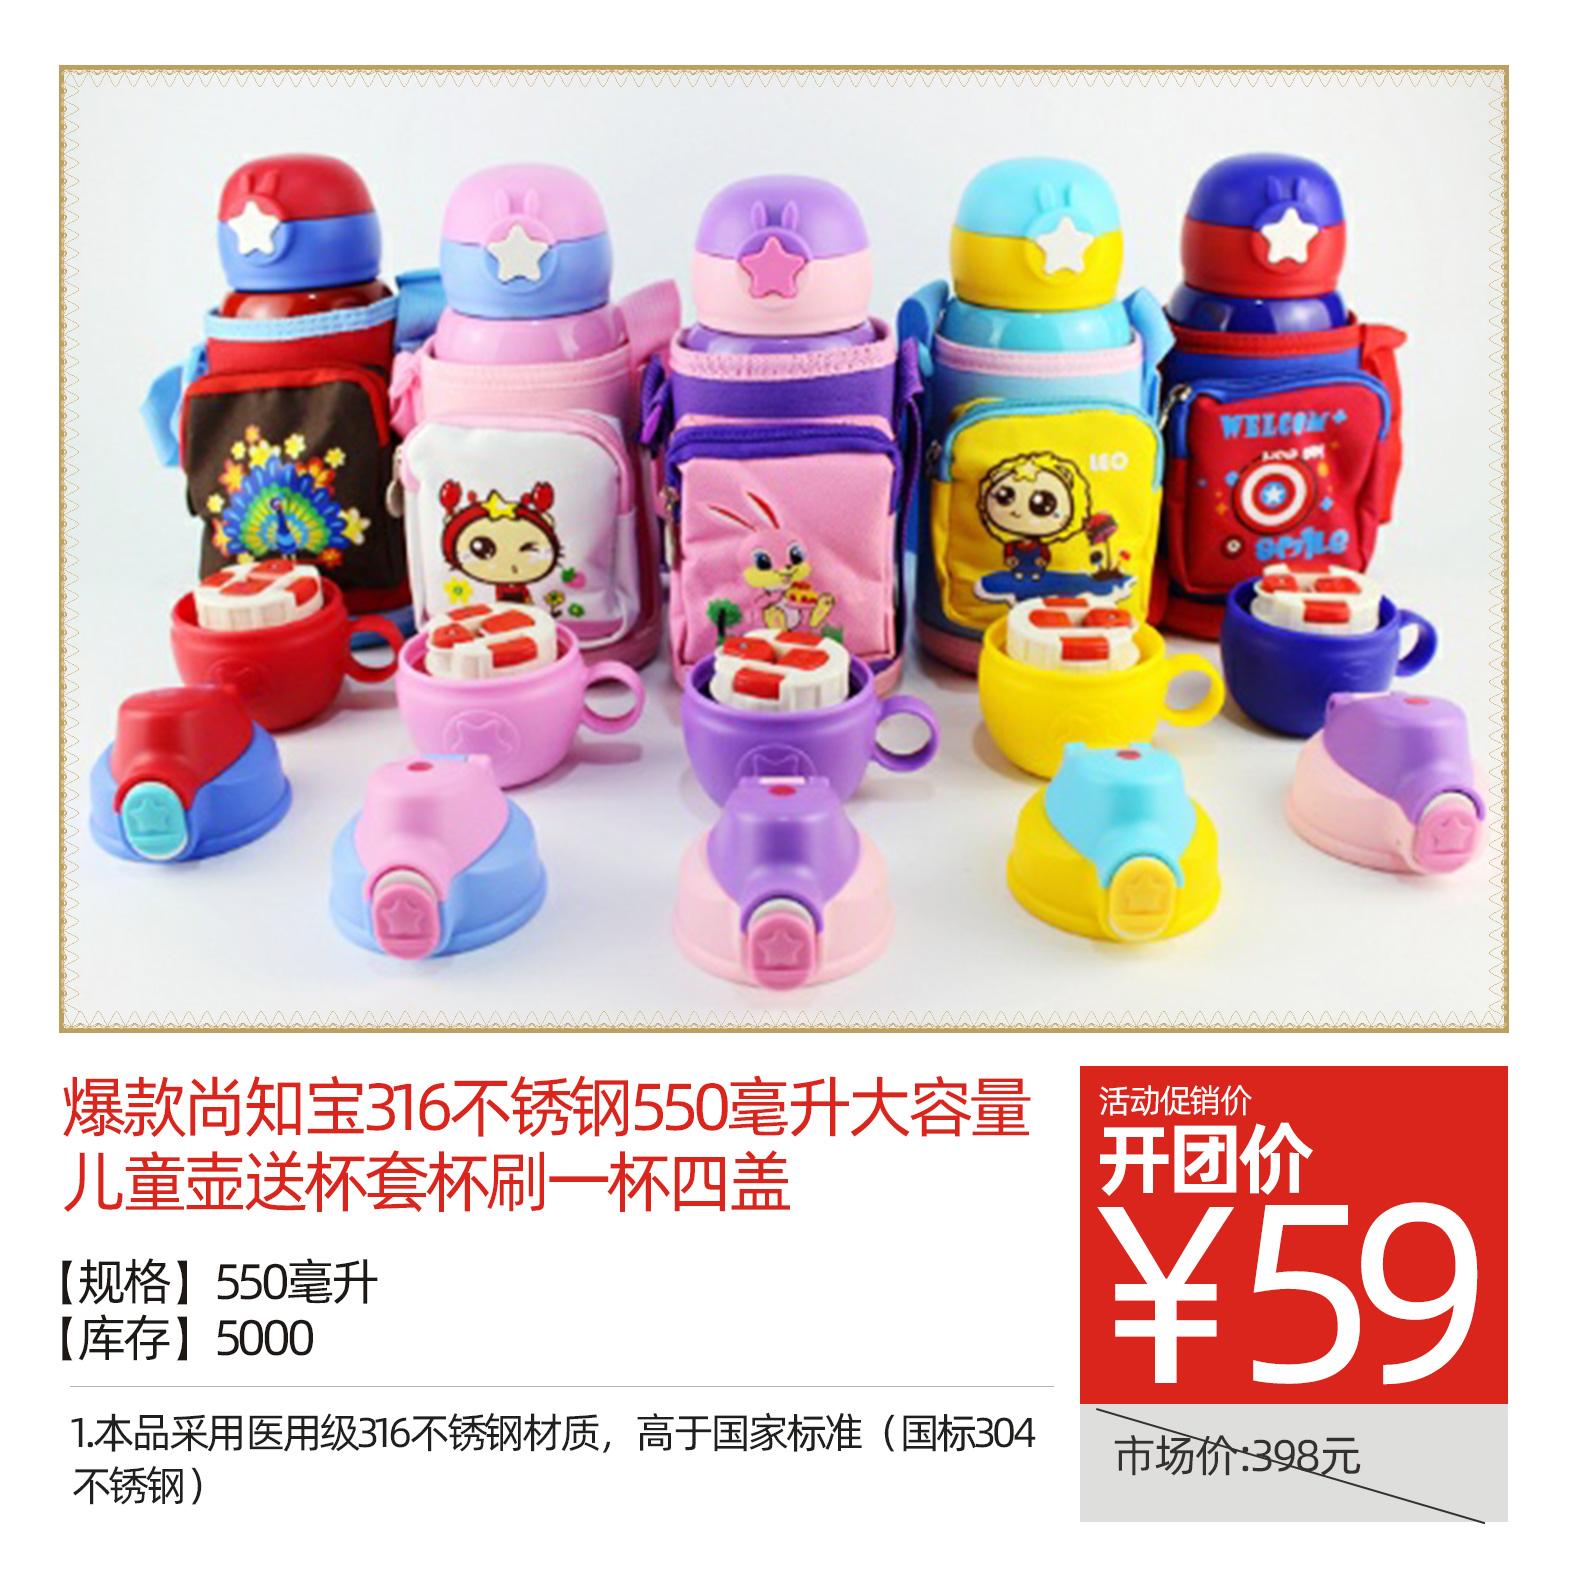 尚知宝爆款尚知宝316不锈钢550毫升大容量儿童壶送杯套杯刷一杯四盖!